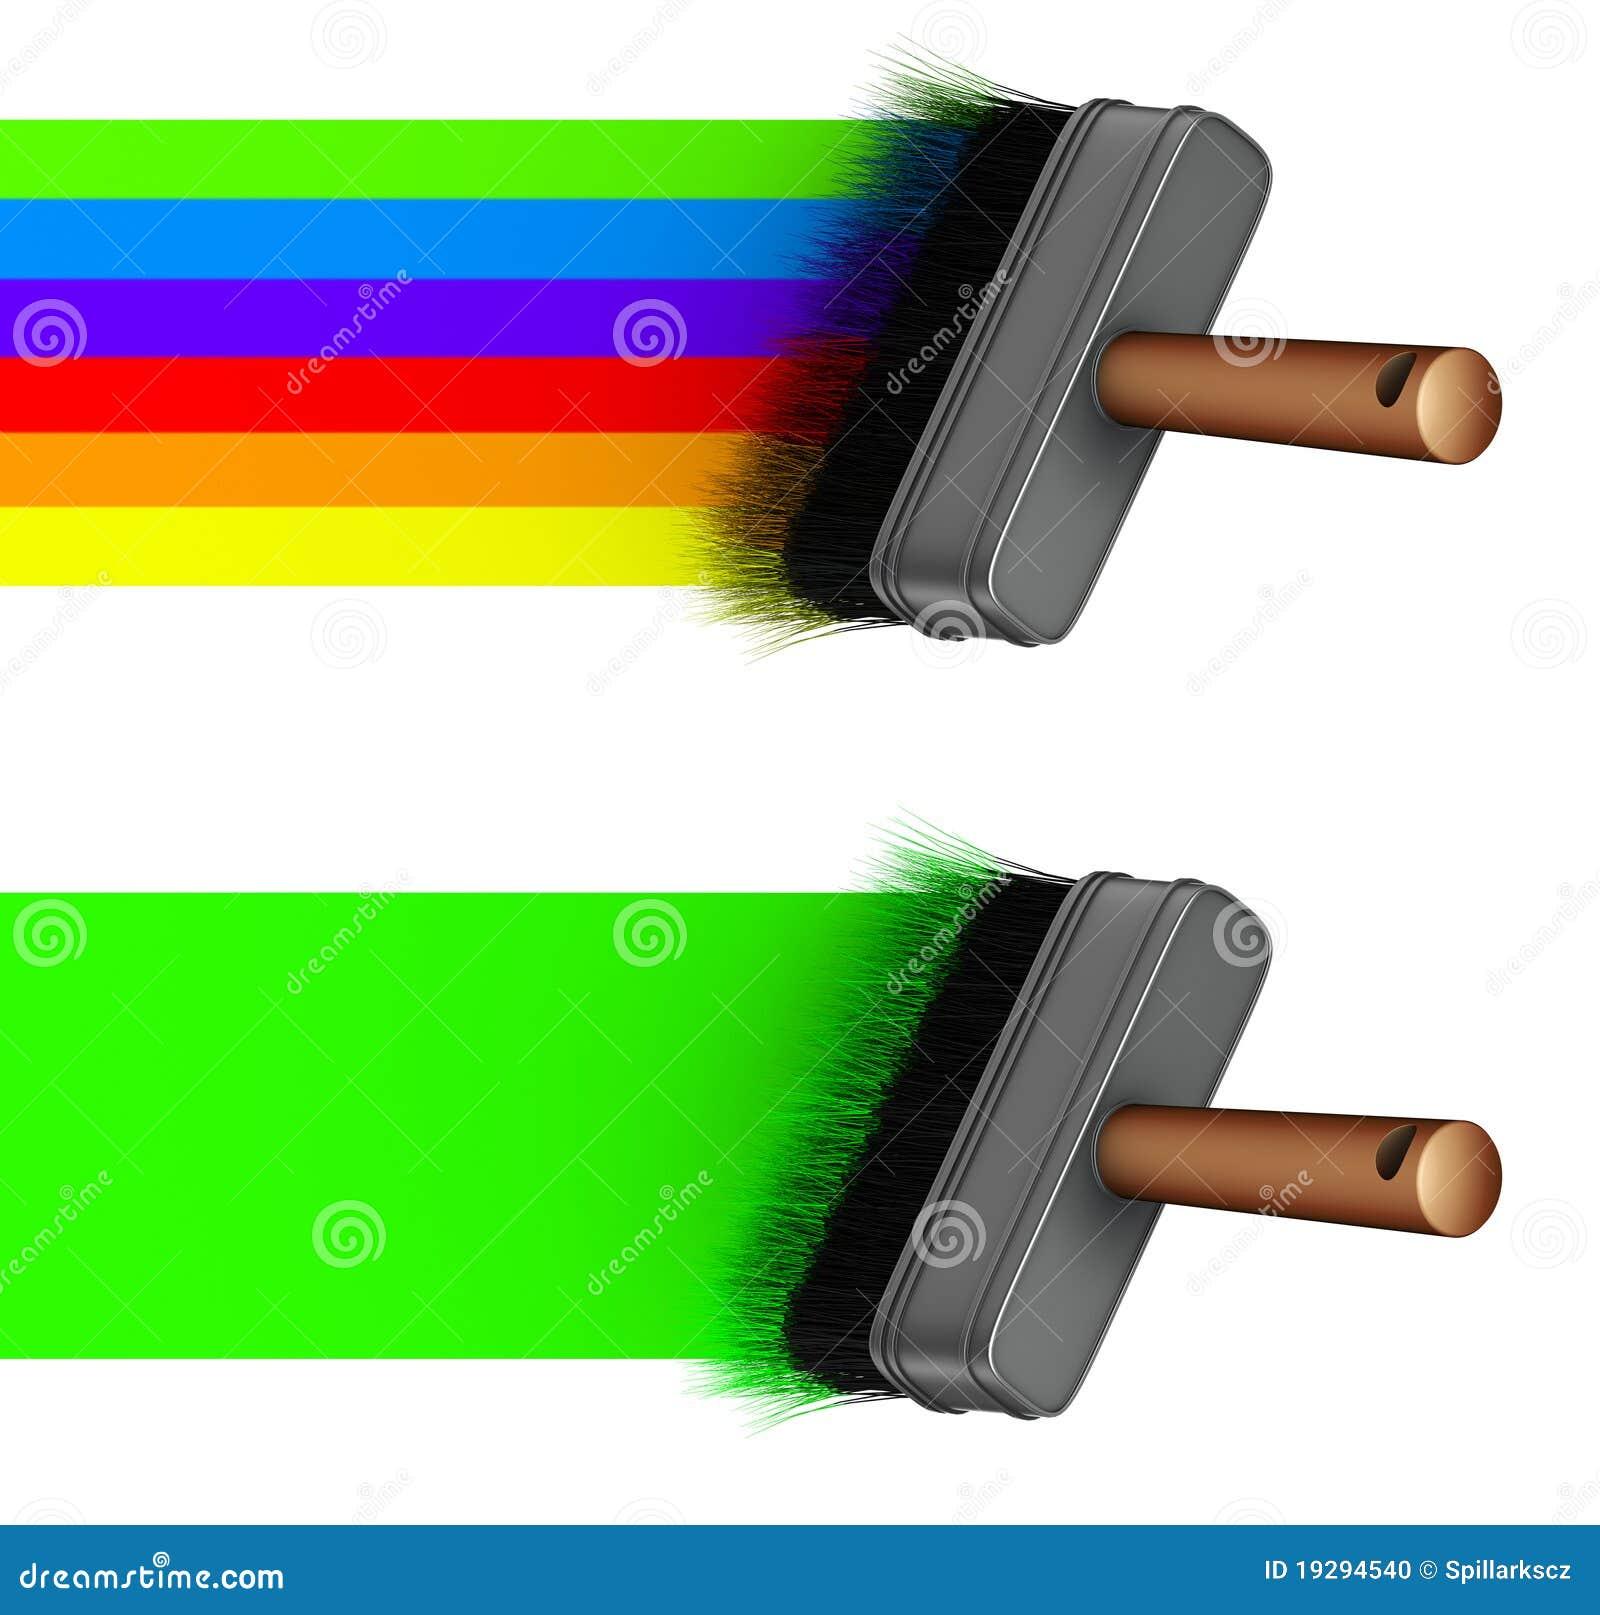 Atractivo Arte Del Uña Con Arcos 3d Motivo - Ideas de Pintar de Uñas ...